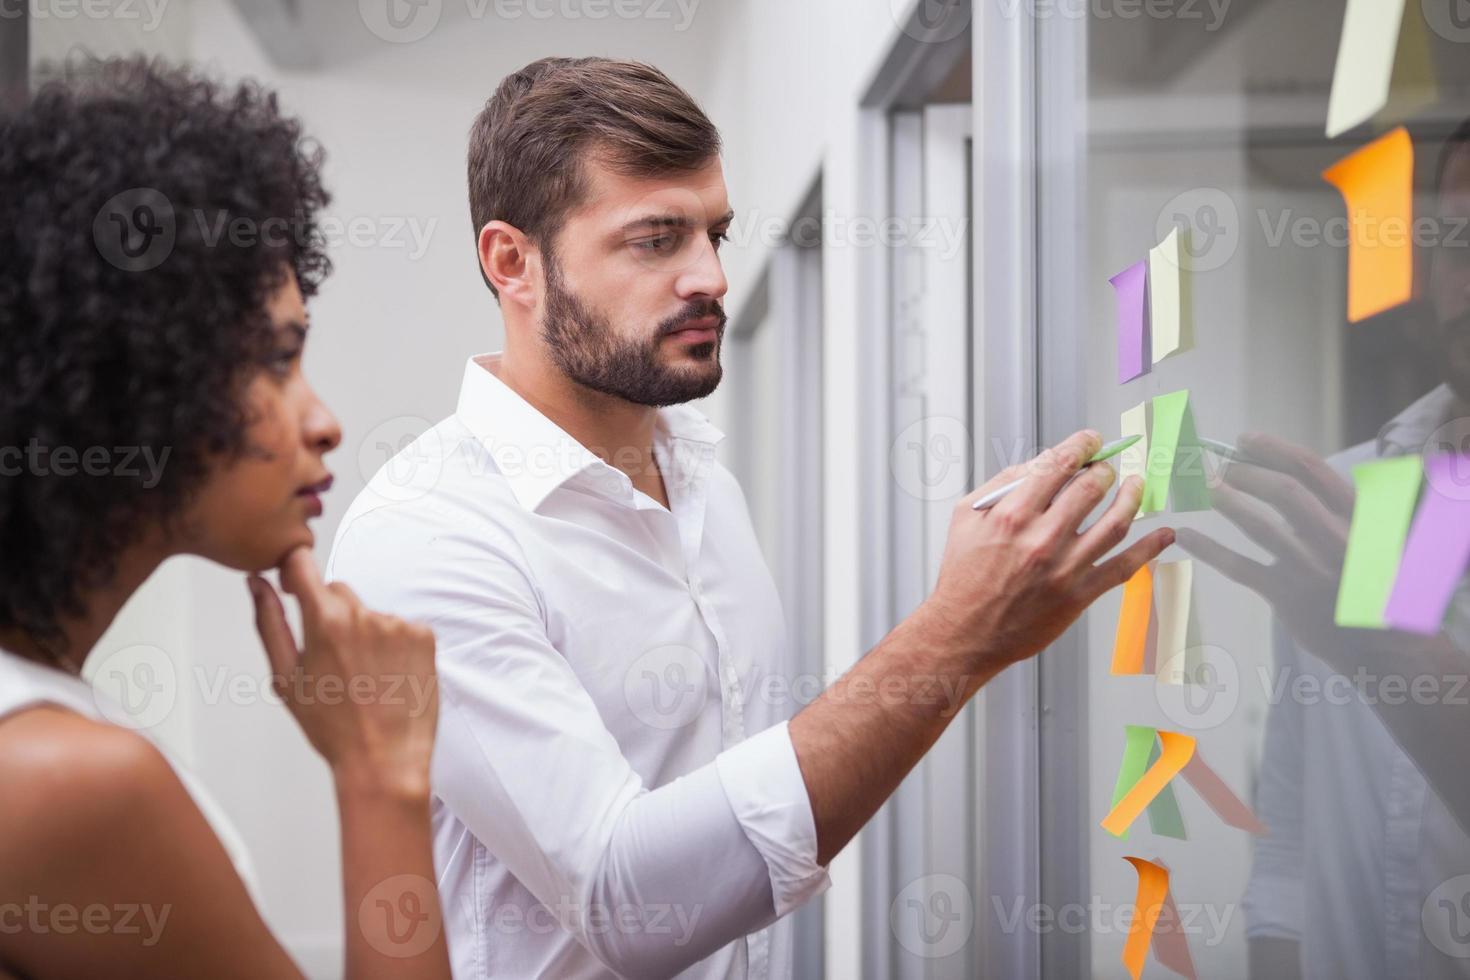 equipe de negócios casuais olhando notas autoadesivas foto